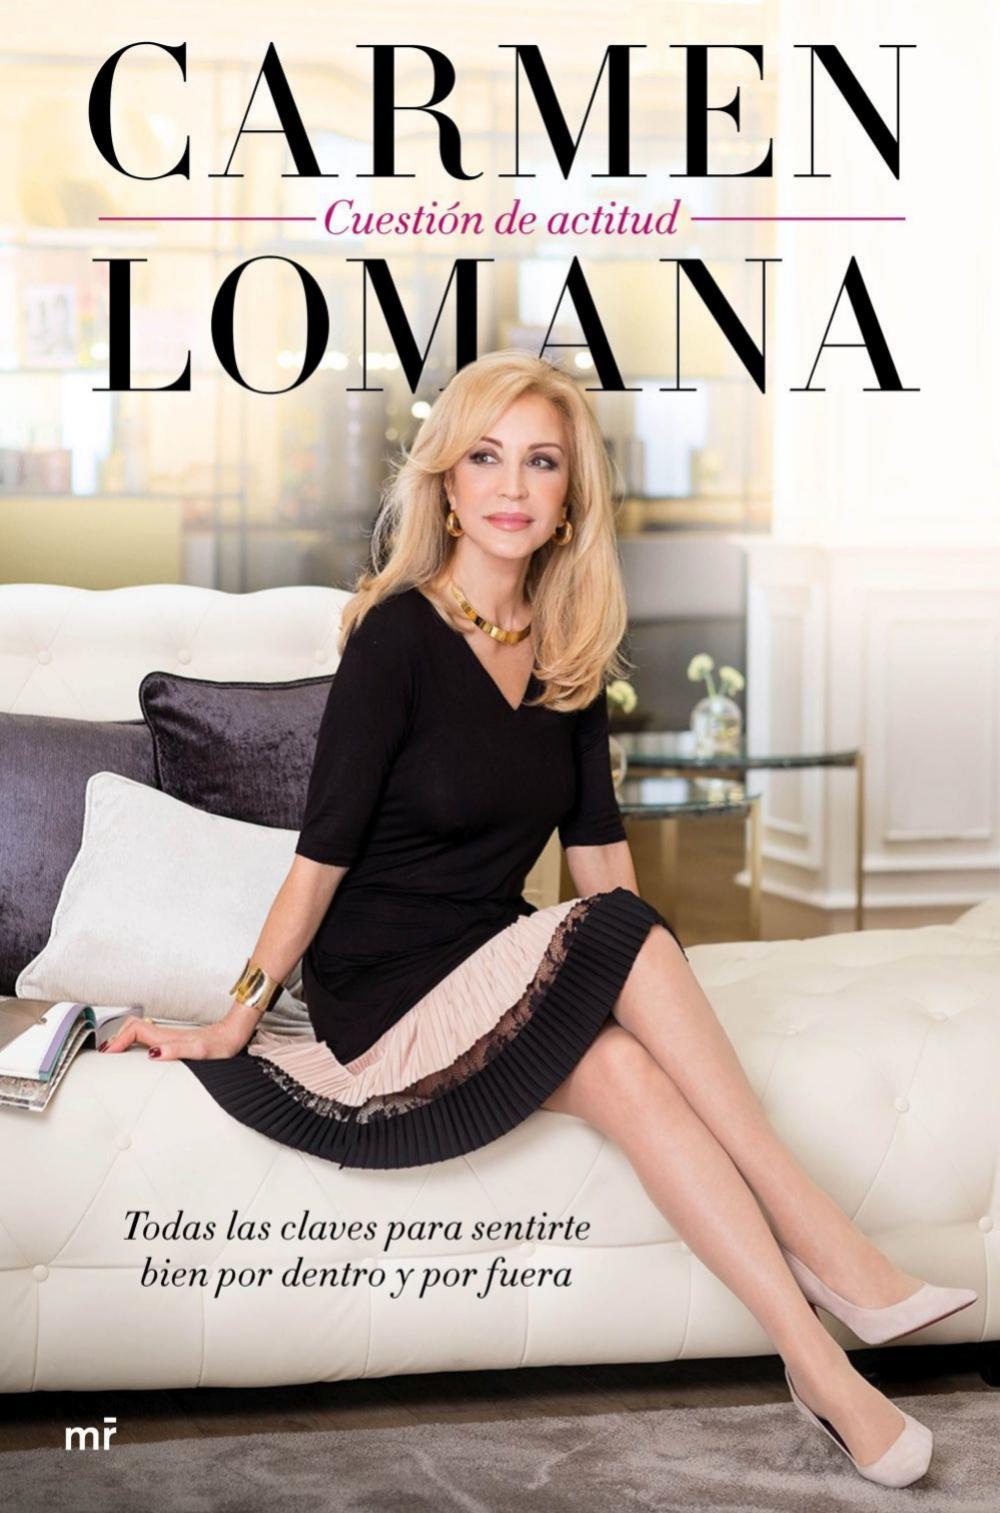 Portada del nuevo libro de Carmen Lomana.